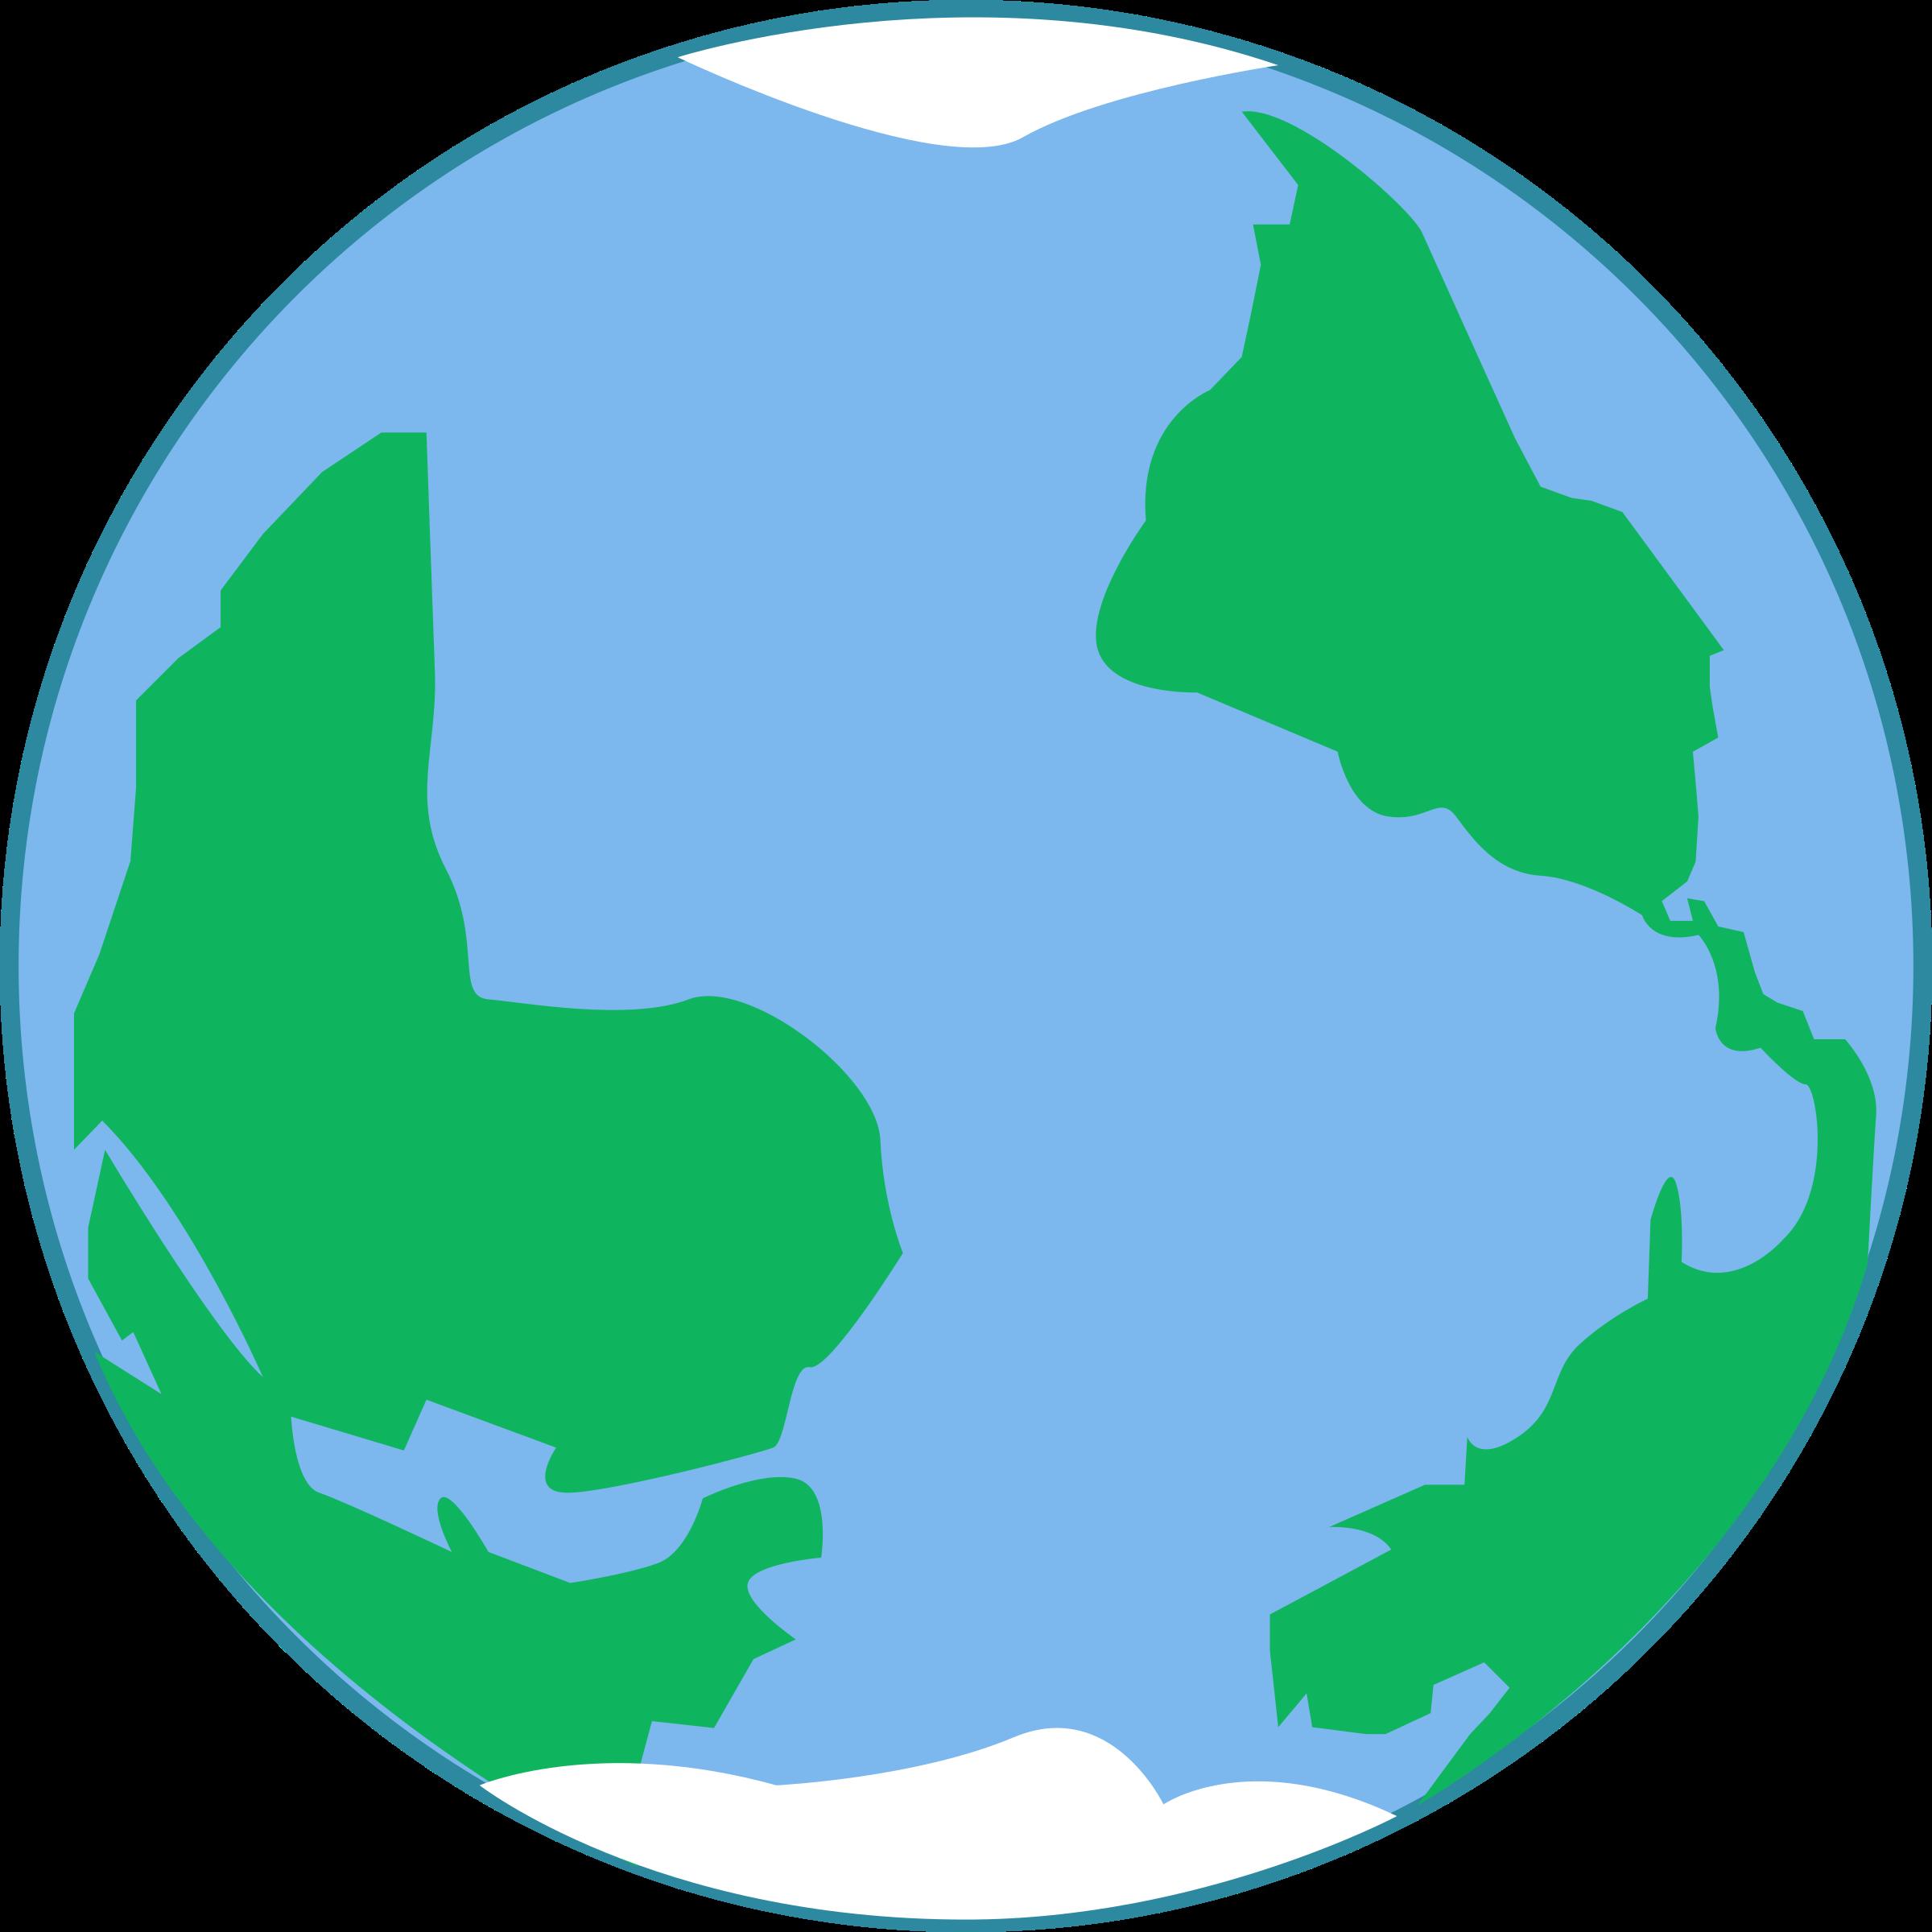 2400x2400 Top 83 Earth Clip Art